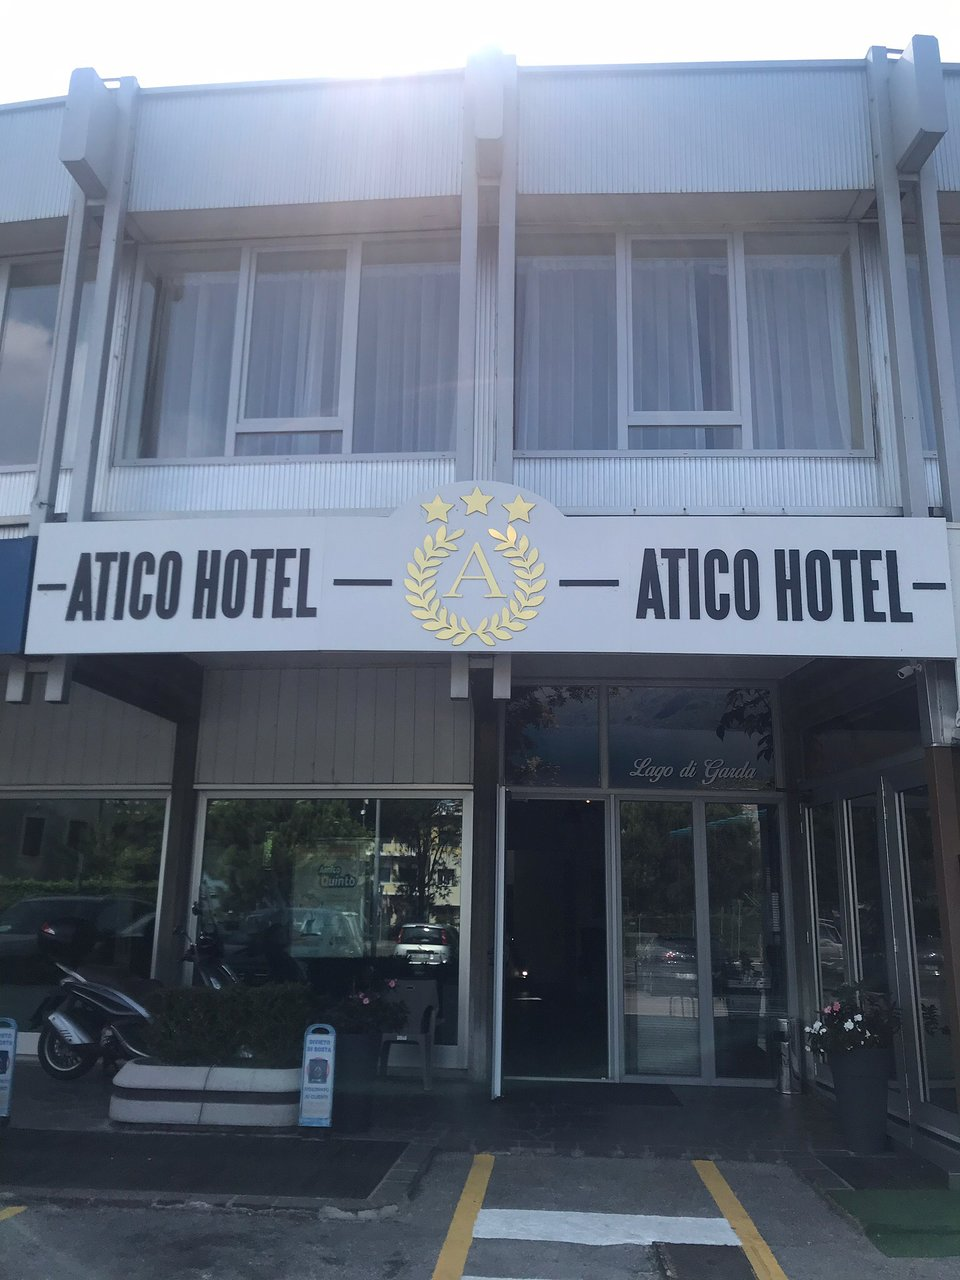 Via Durighello Desenzano Del Garda atico hotel $91 ($̶1̶0̶0̶) - prices & specialty hotel